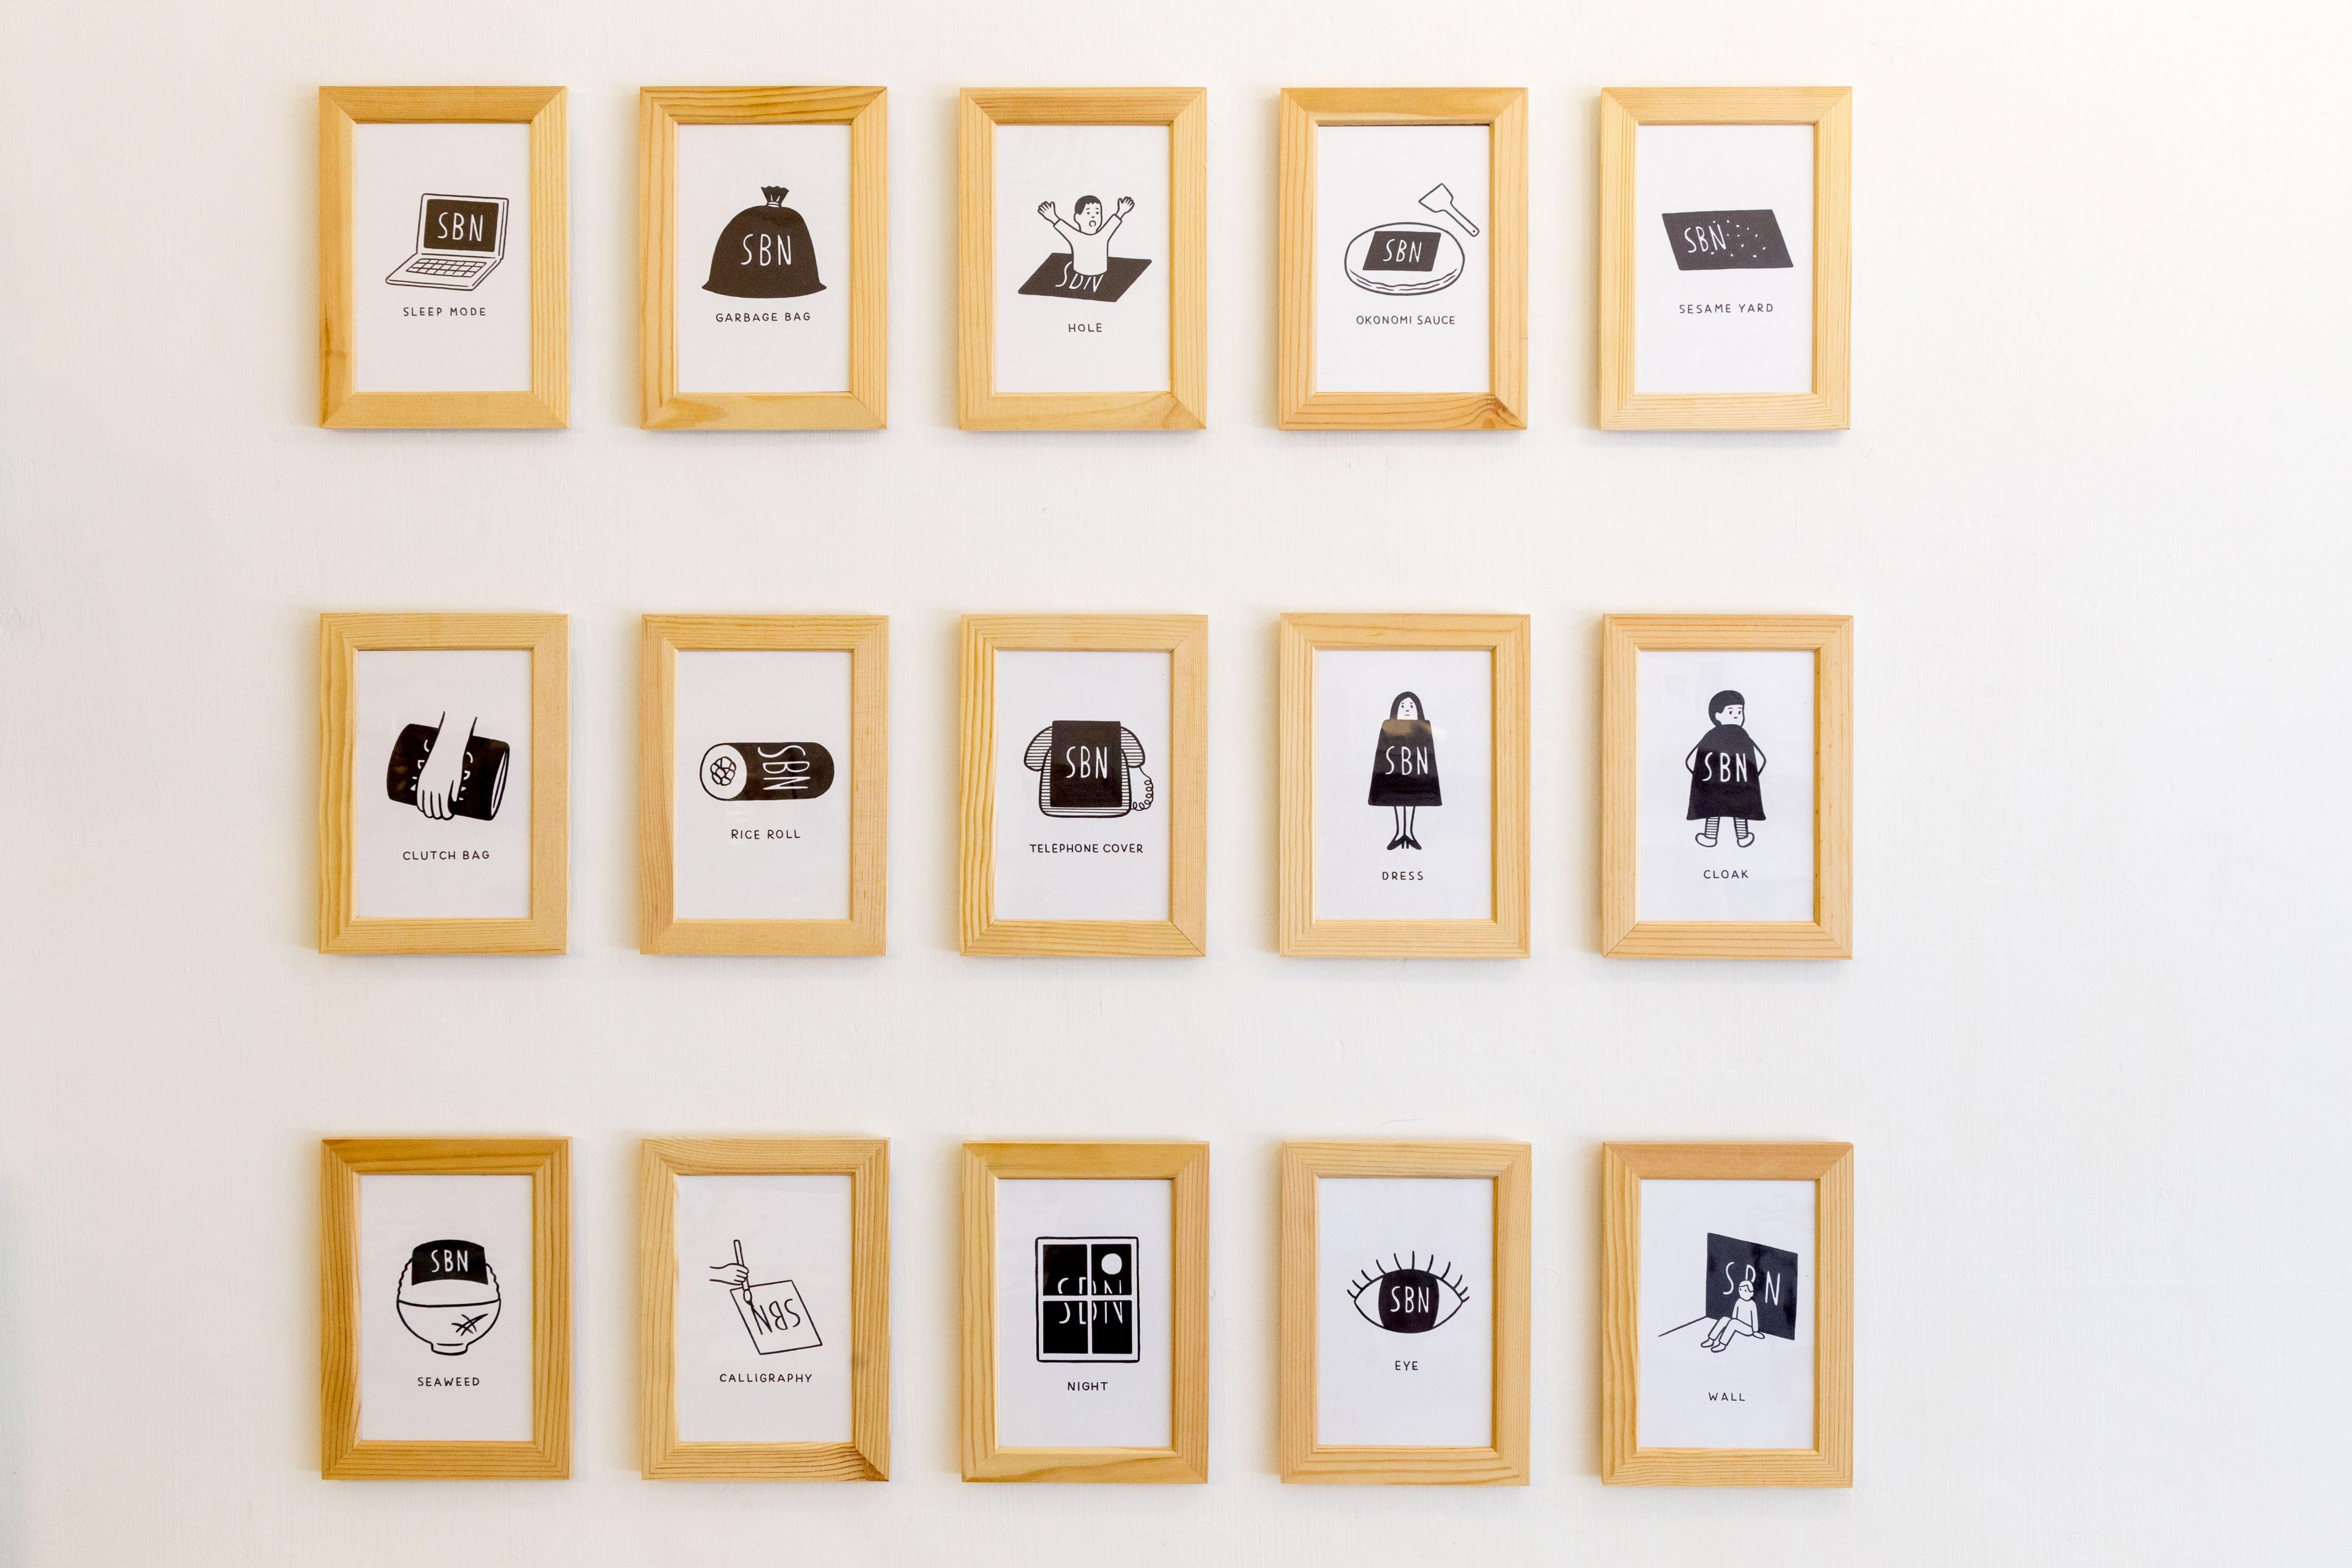 Noritake,日本插畫家,日本藝術家,插畫家,插畫設計,朋丁展覽,插畫展,台北展覽,展覽推薦,展覽空間,NewBalance,TheBigIssue